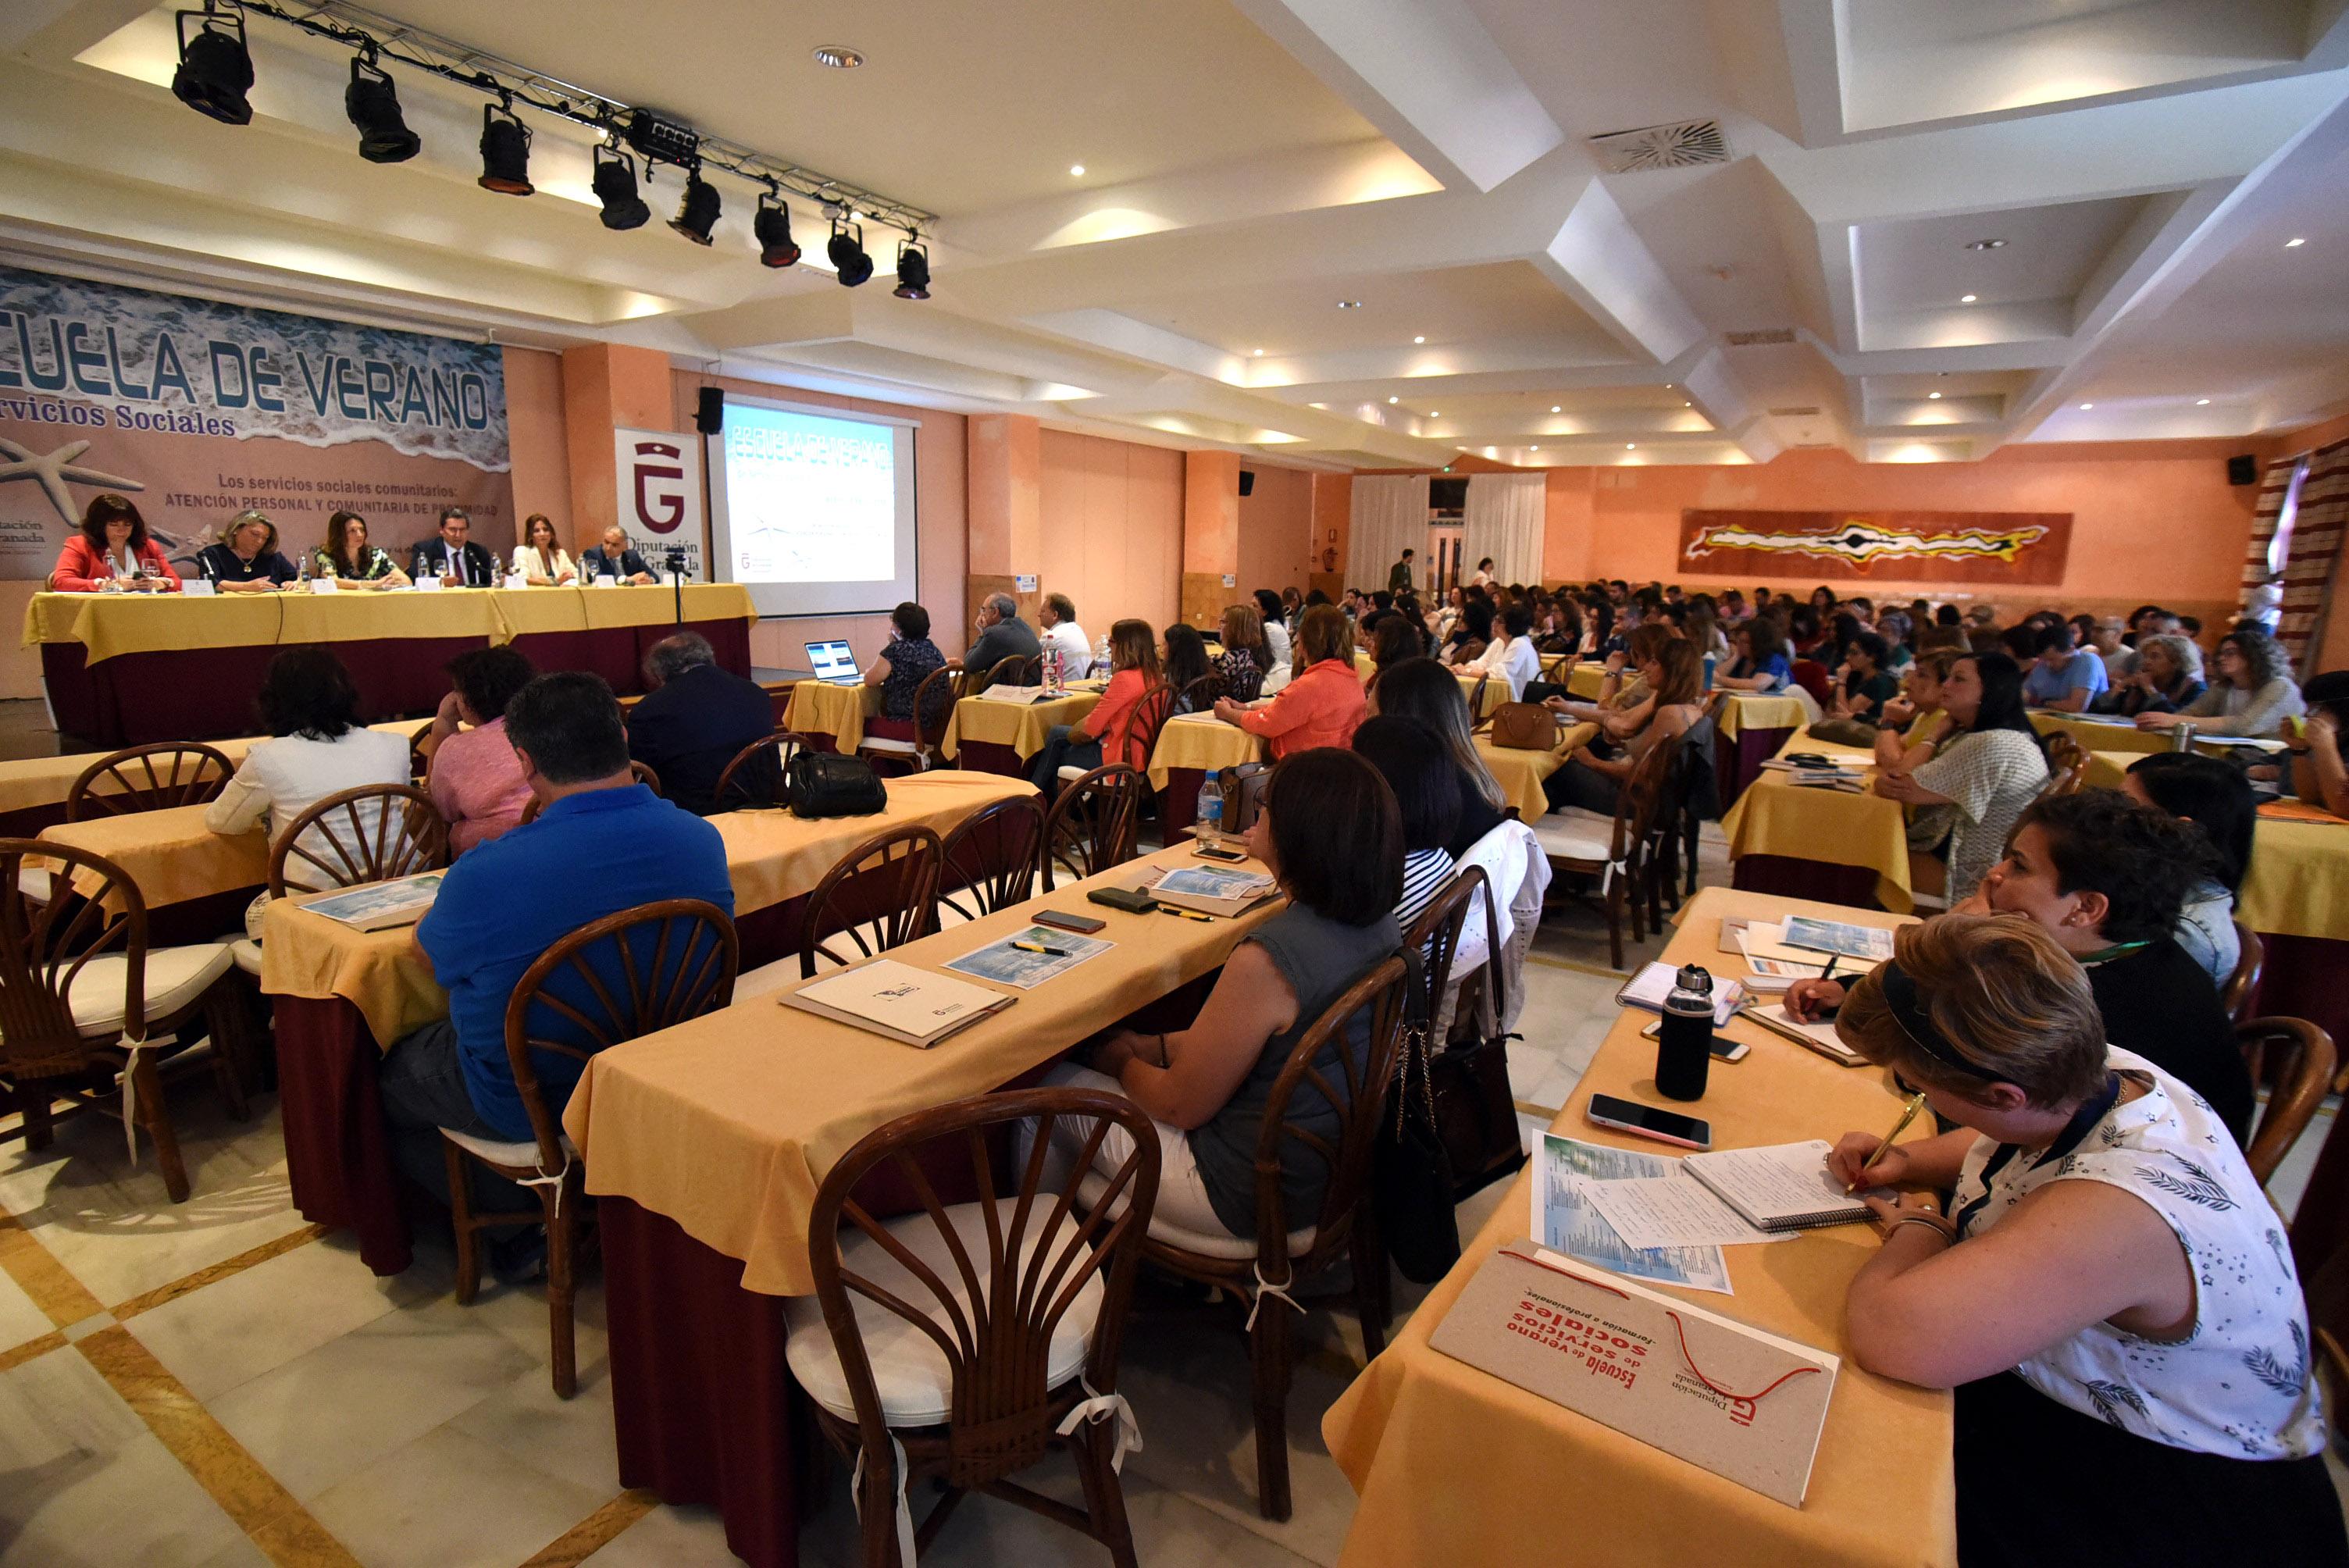 La Escuela de Verano de Diputación forma desde hoy a 250 profesionales de los servicios sociales